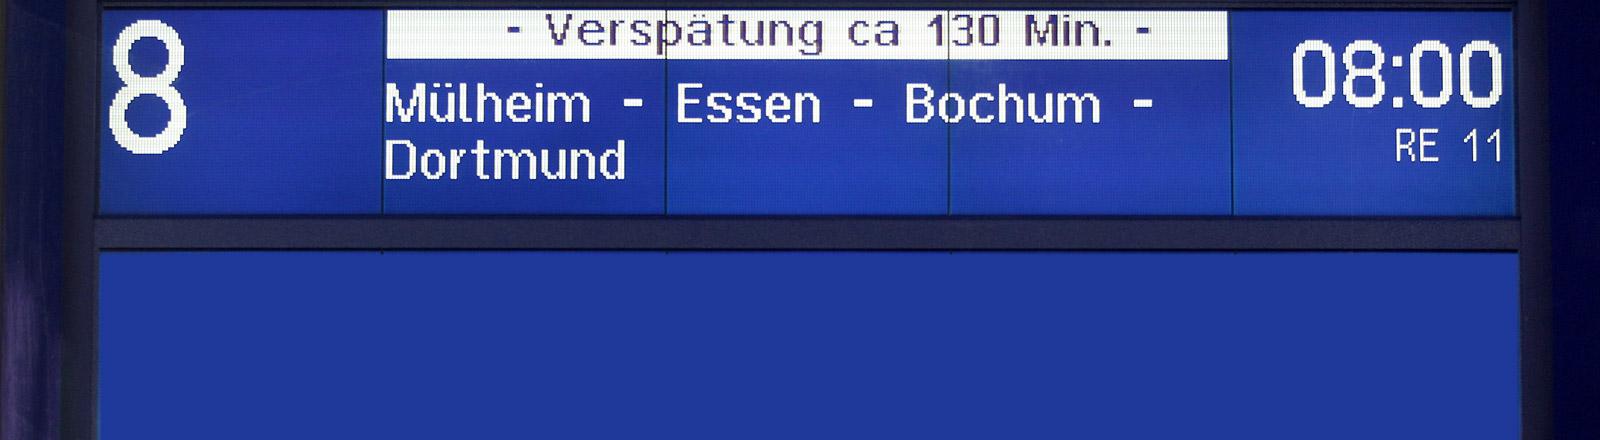 Eine Anzeigetafel in einem Bahnhof mit Verspätungsanzeige.